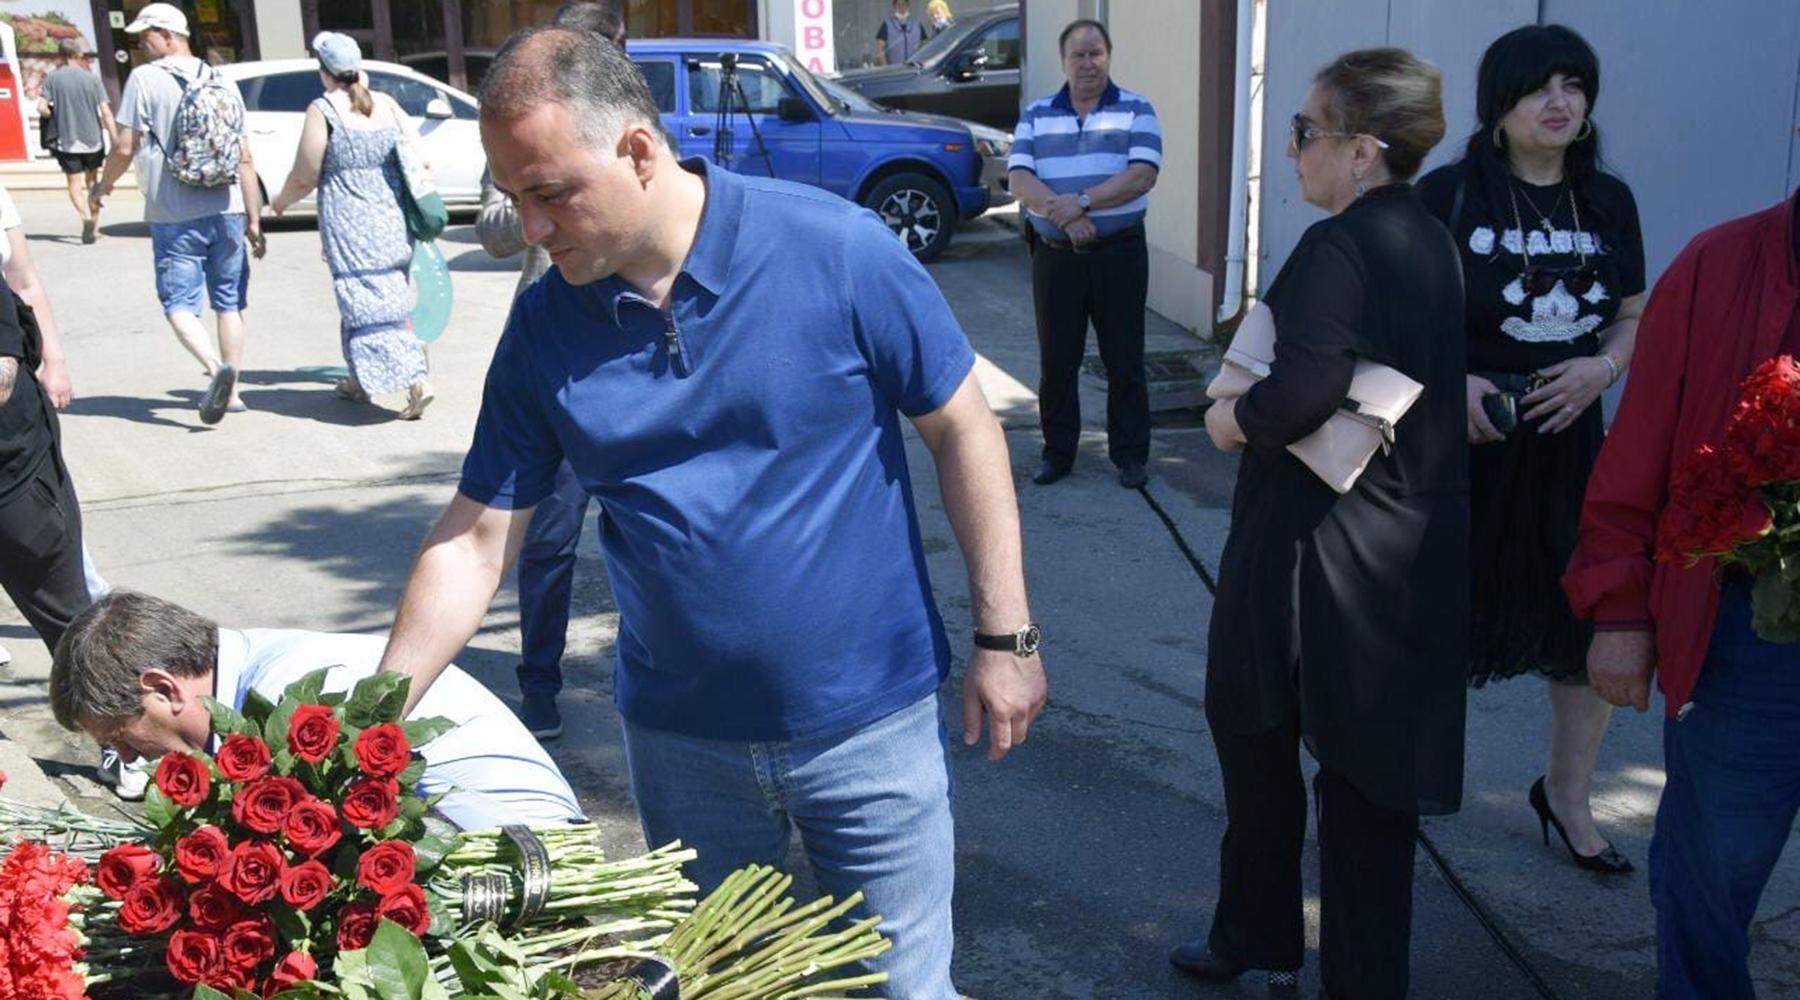 «Не раскаялся»: суд арестовал открывшего огонь по приставам жителя Сочи до 9 августа3